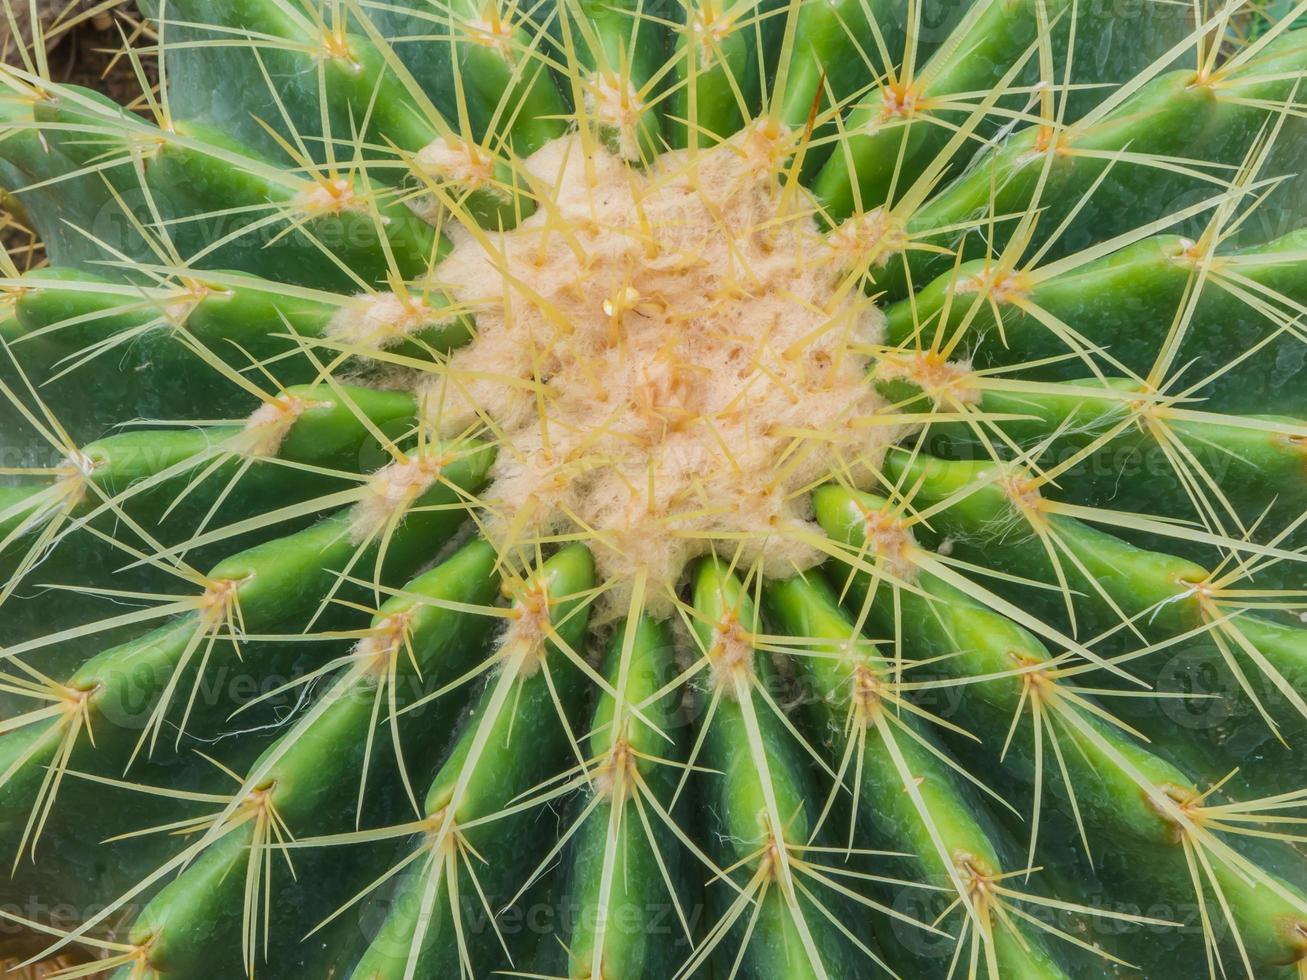 Close up of cactus photo